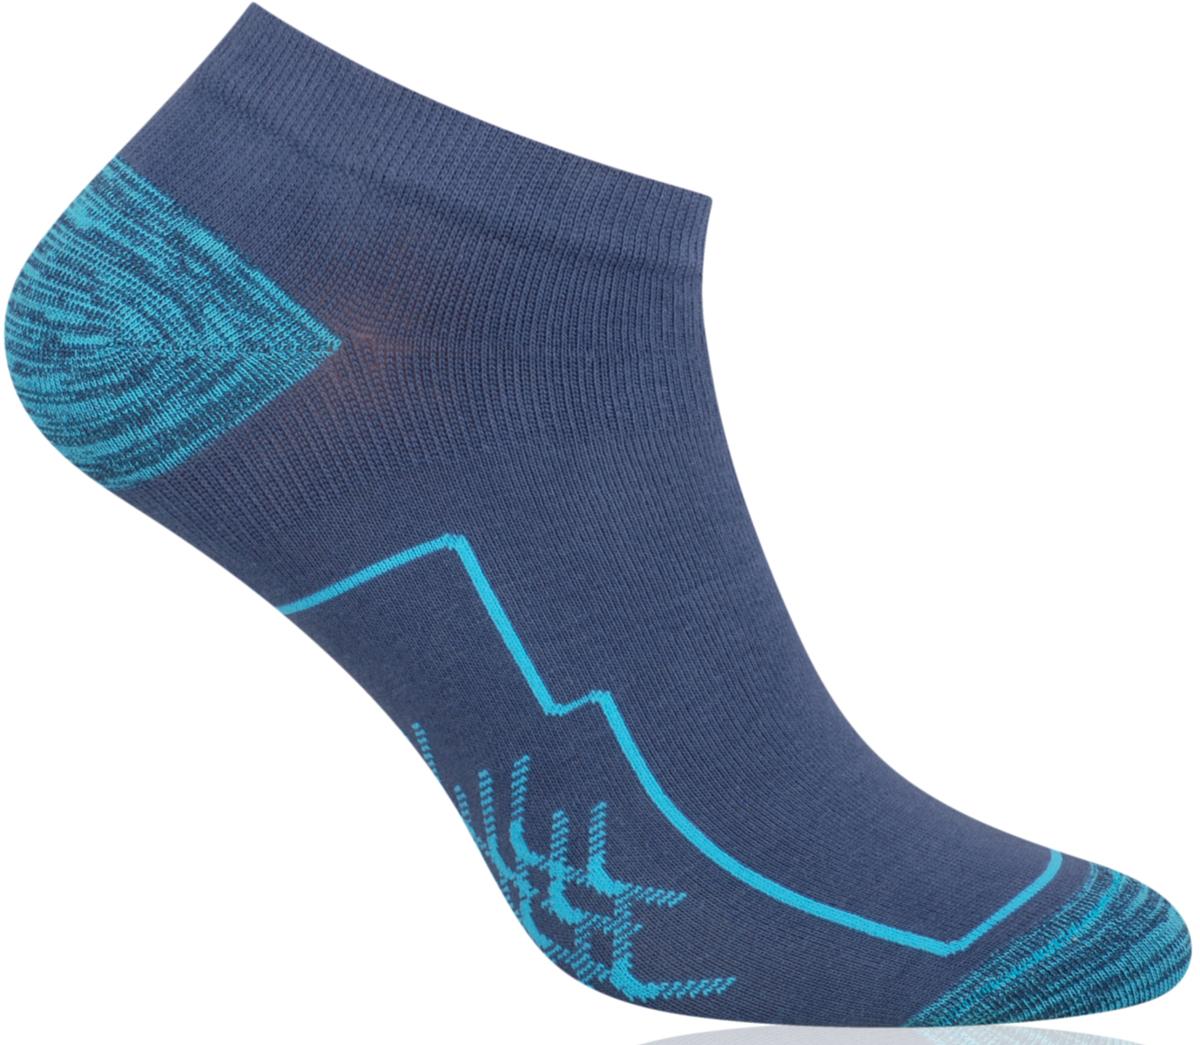 Носки для мальчика Steven, цвет: джинсовый, голубой. 004 (RD130). Размер 35/37004 (RD130)Носки Steven изготовлены из качественного материала на основе хлопка. Модель имеет мягкую эластичную резинку. Носки хорошо держат форму и обладают повышенной воздухопроницаемостью.